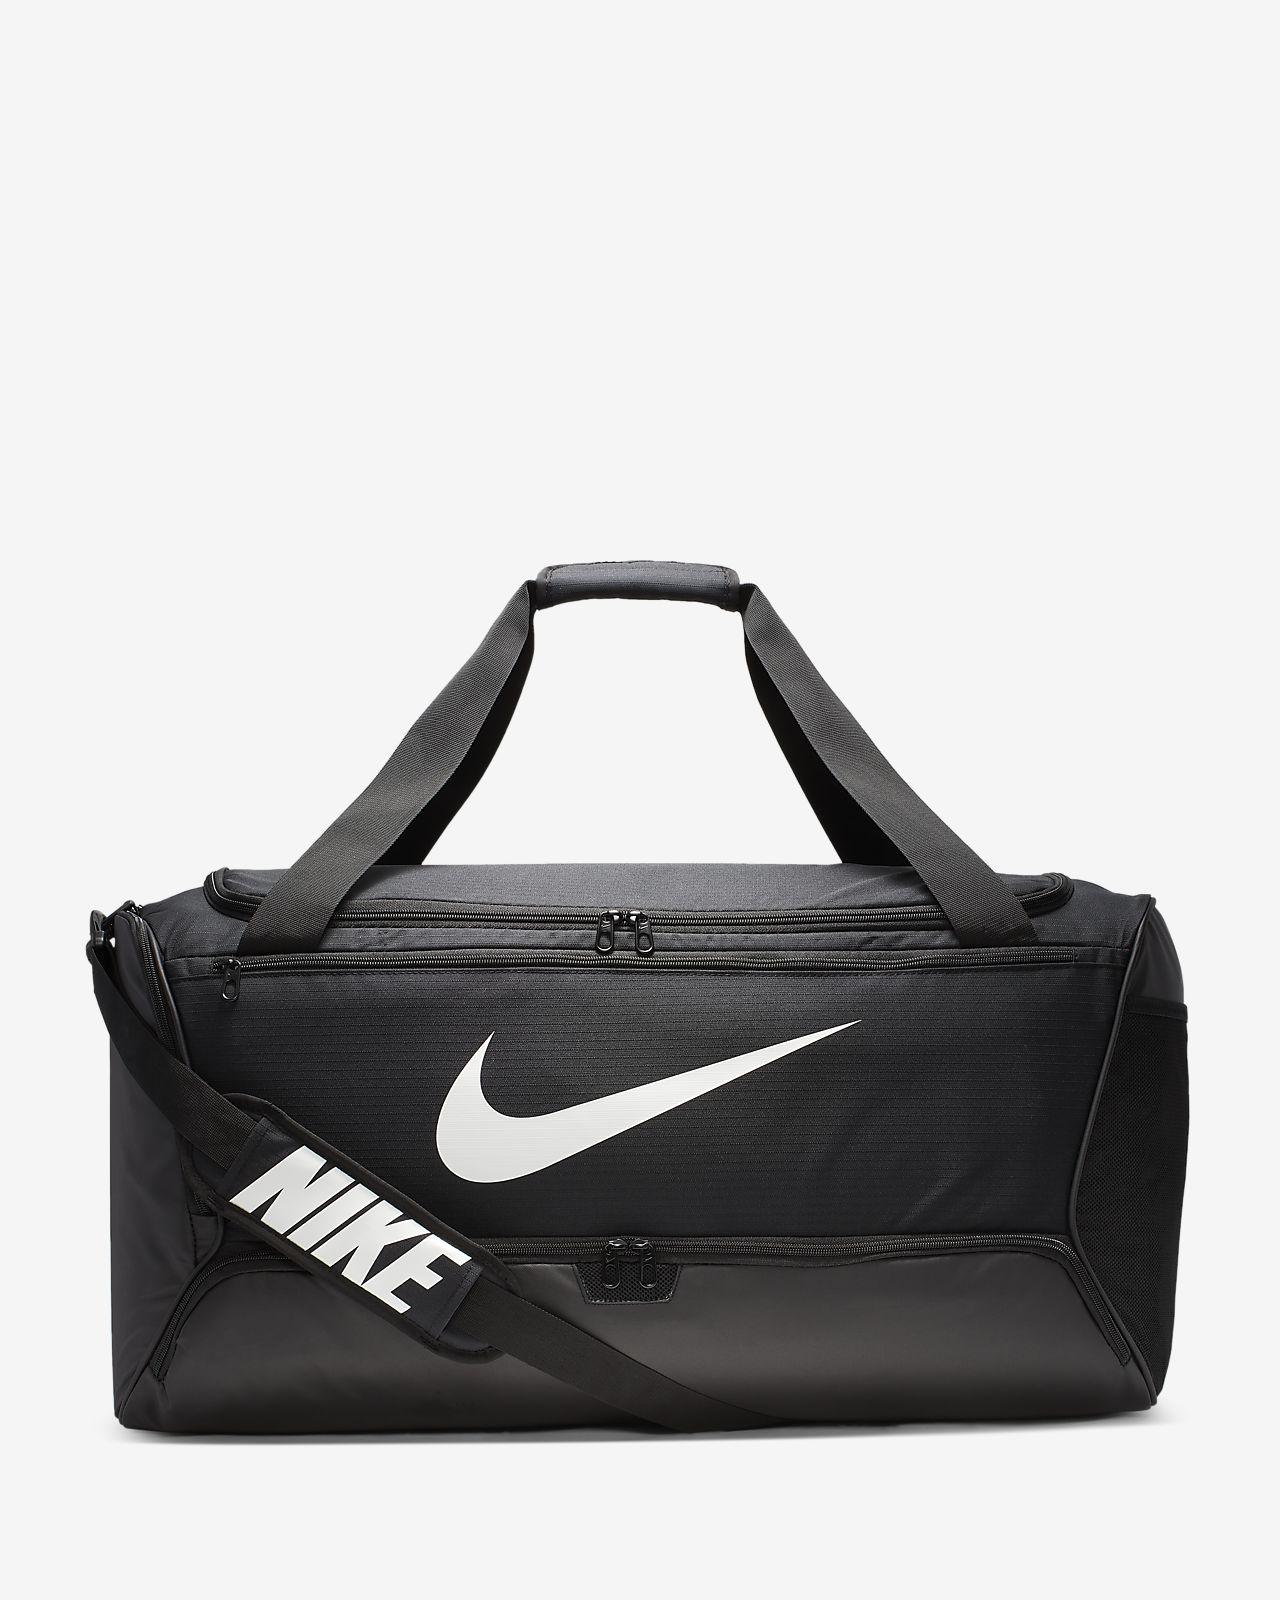 Nike Brasilia edzőtáska (nagyméretű)